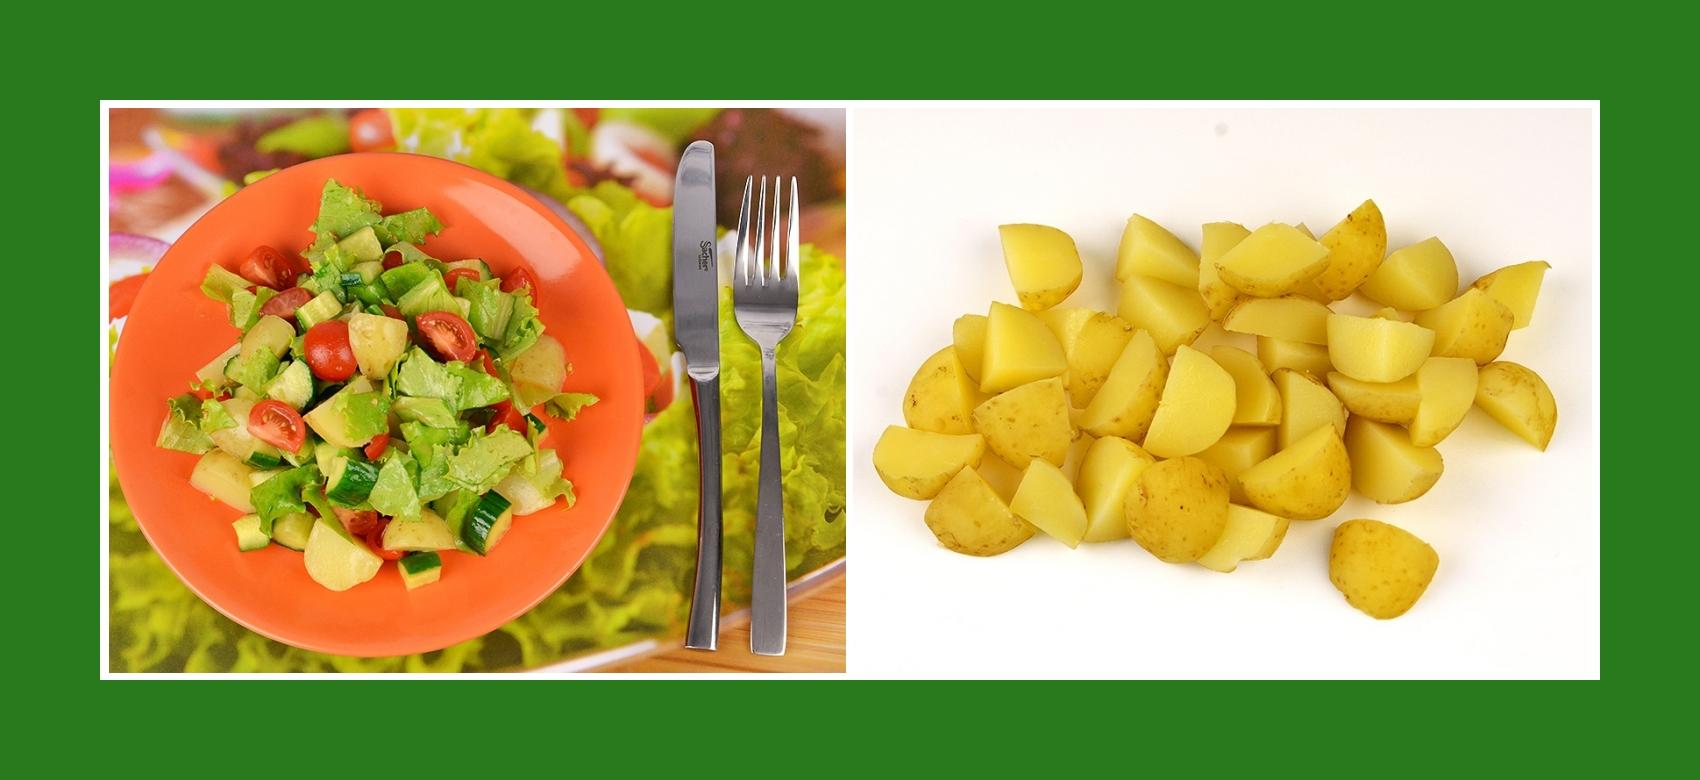 Gekochte Frühkartoffeln für Gemüsesalat